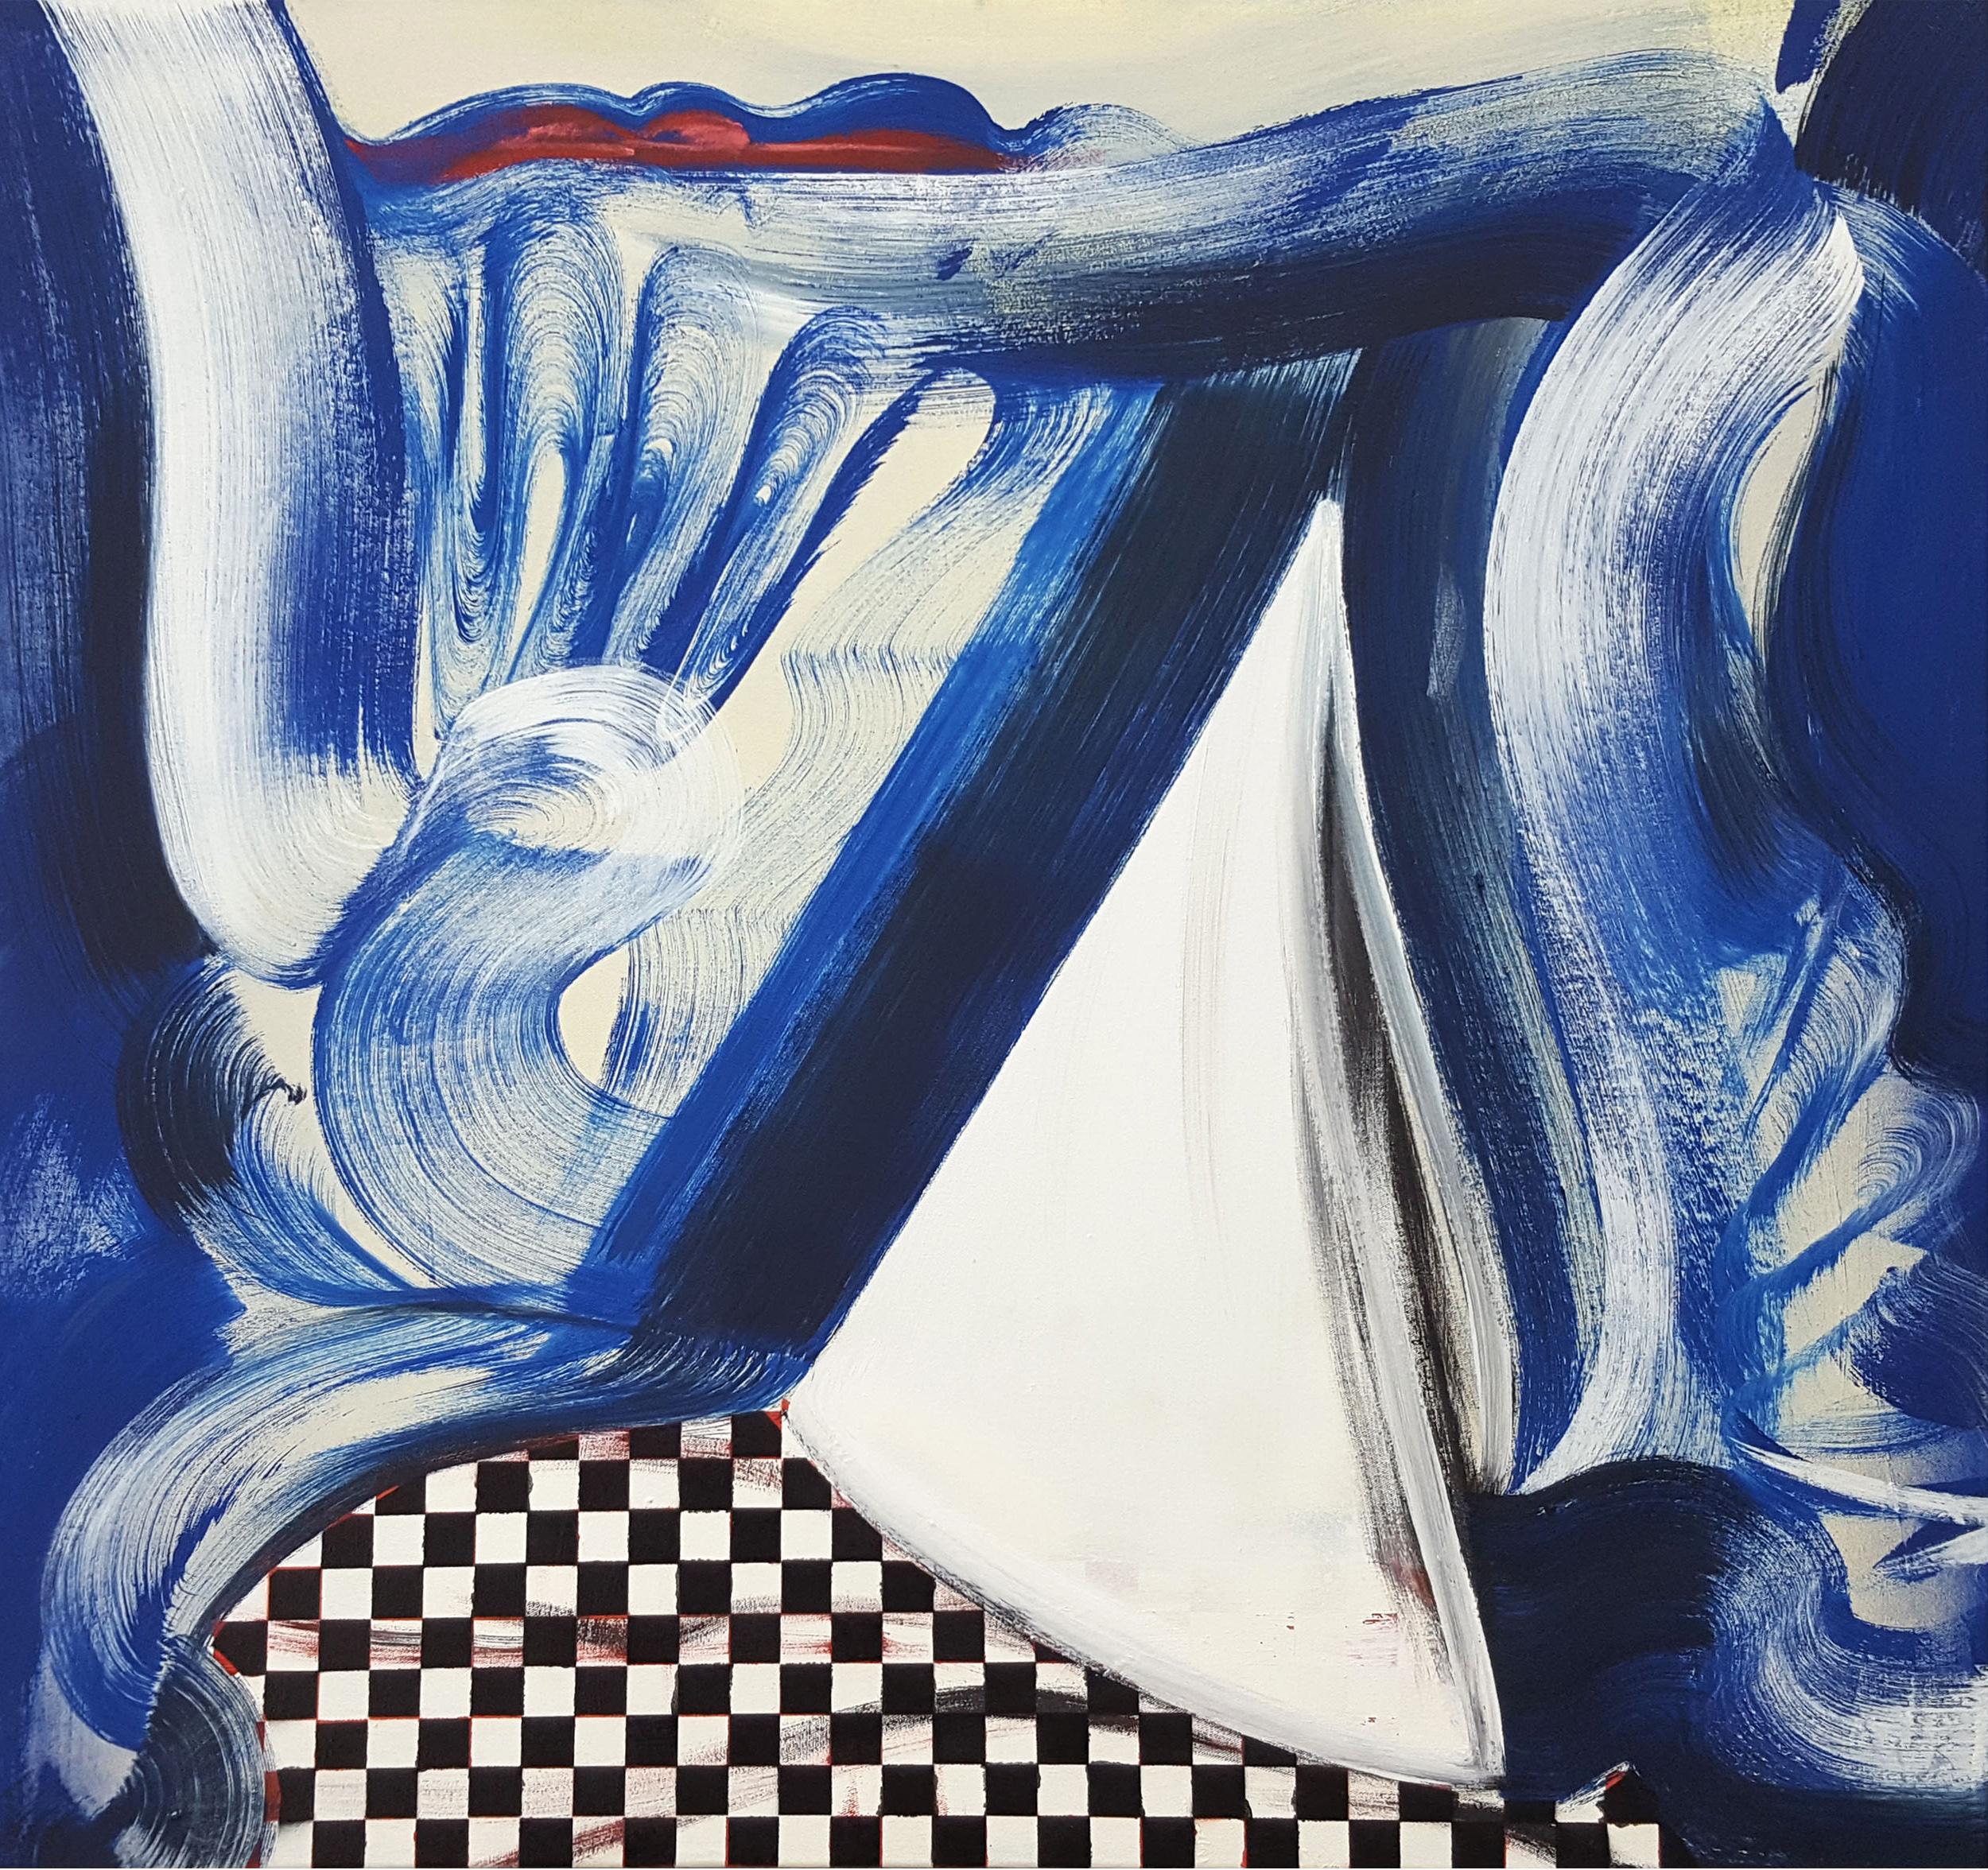 Janine van Oene / Soggy Bottom Sailor / 2018 / 70 x 75 cm /  oil on canvas